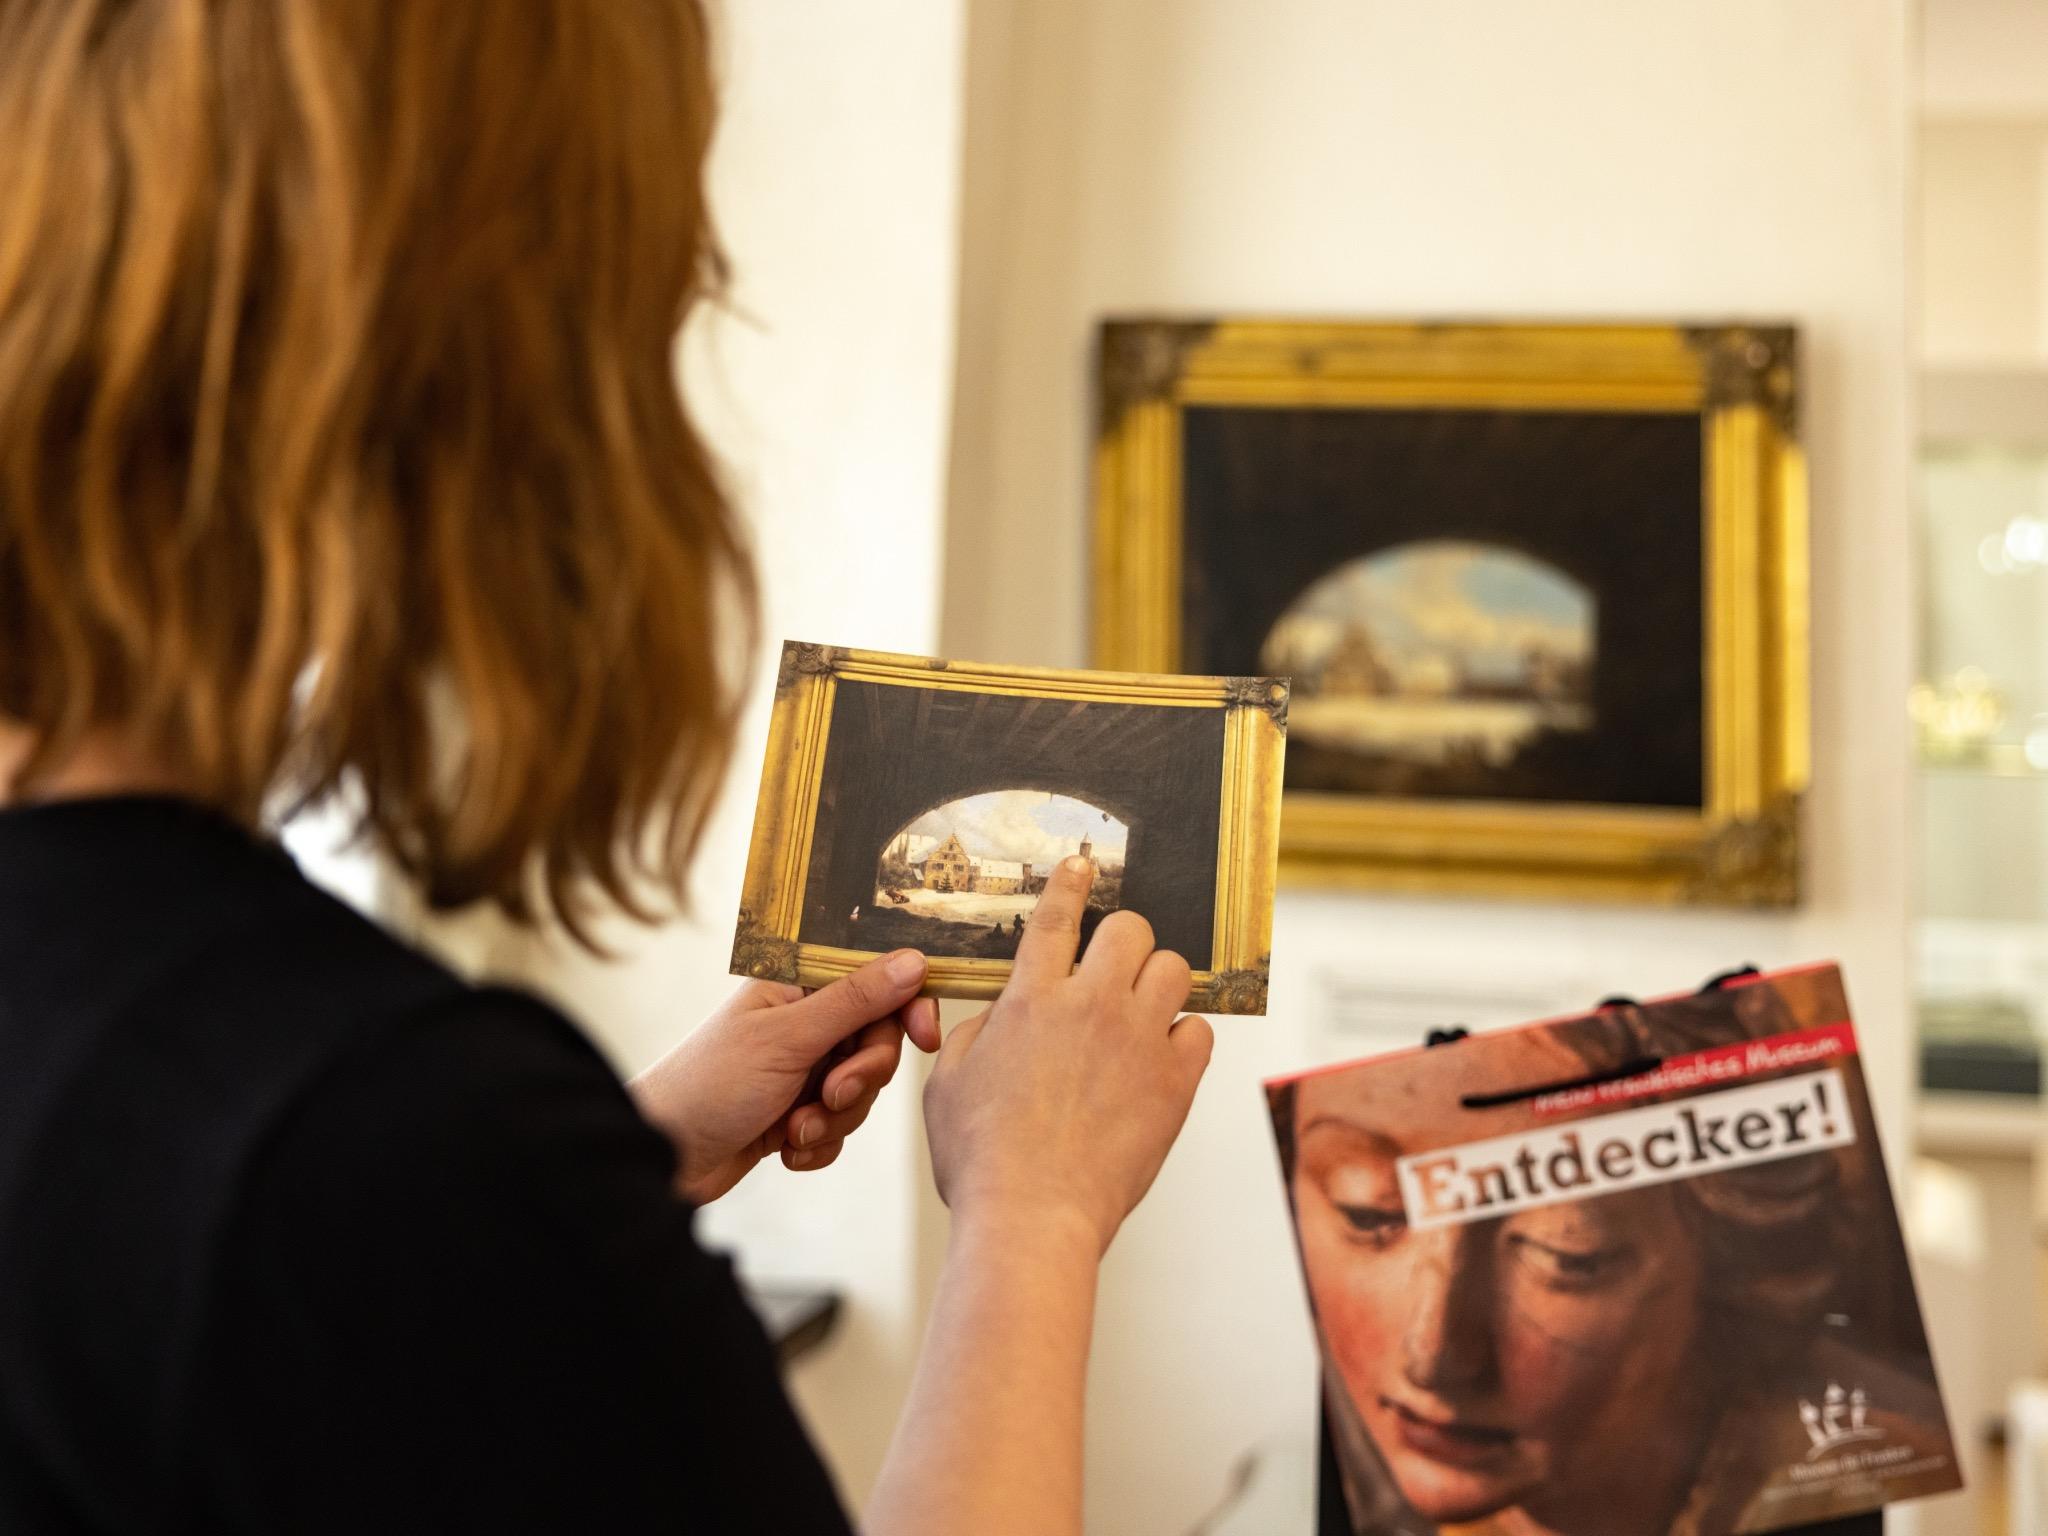 Am 16. Mai ist internationaler Museumstag: Auch das Museum für Franken lädt dazu ein. Foto: Christoph Weiss